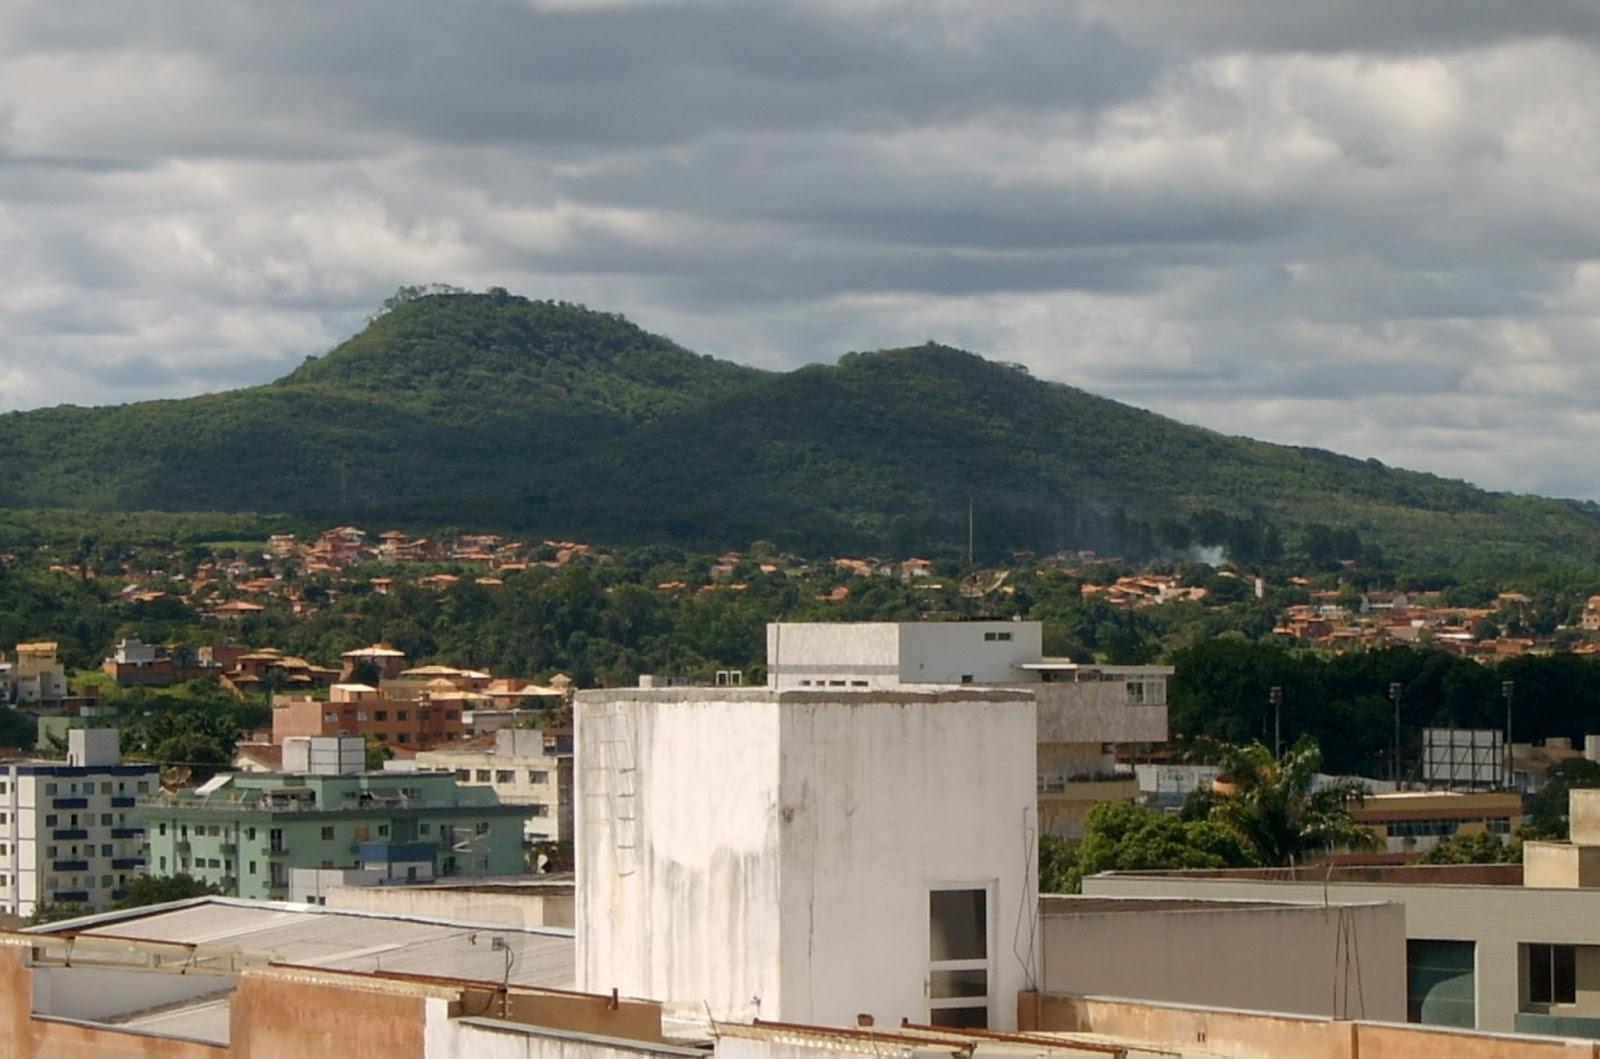 Imagem do Morro Dois Irmãos